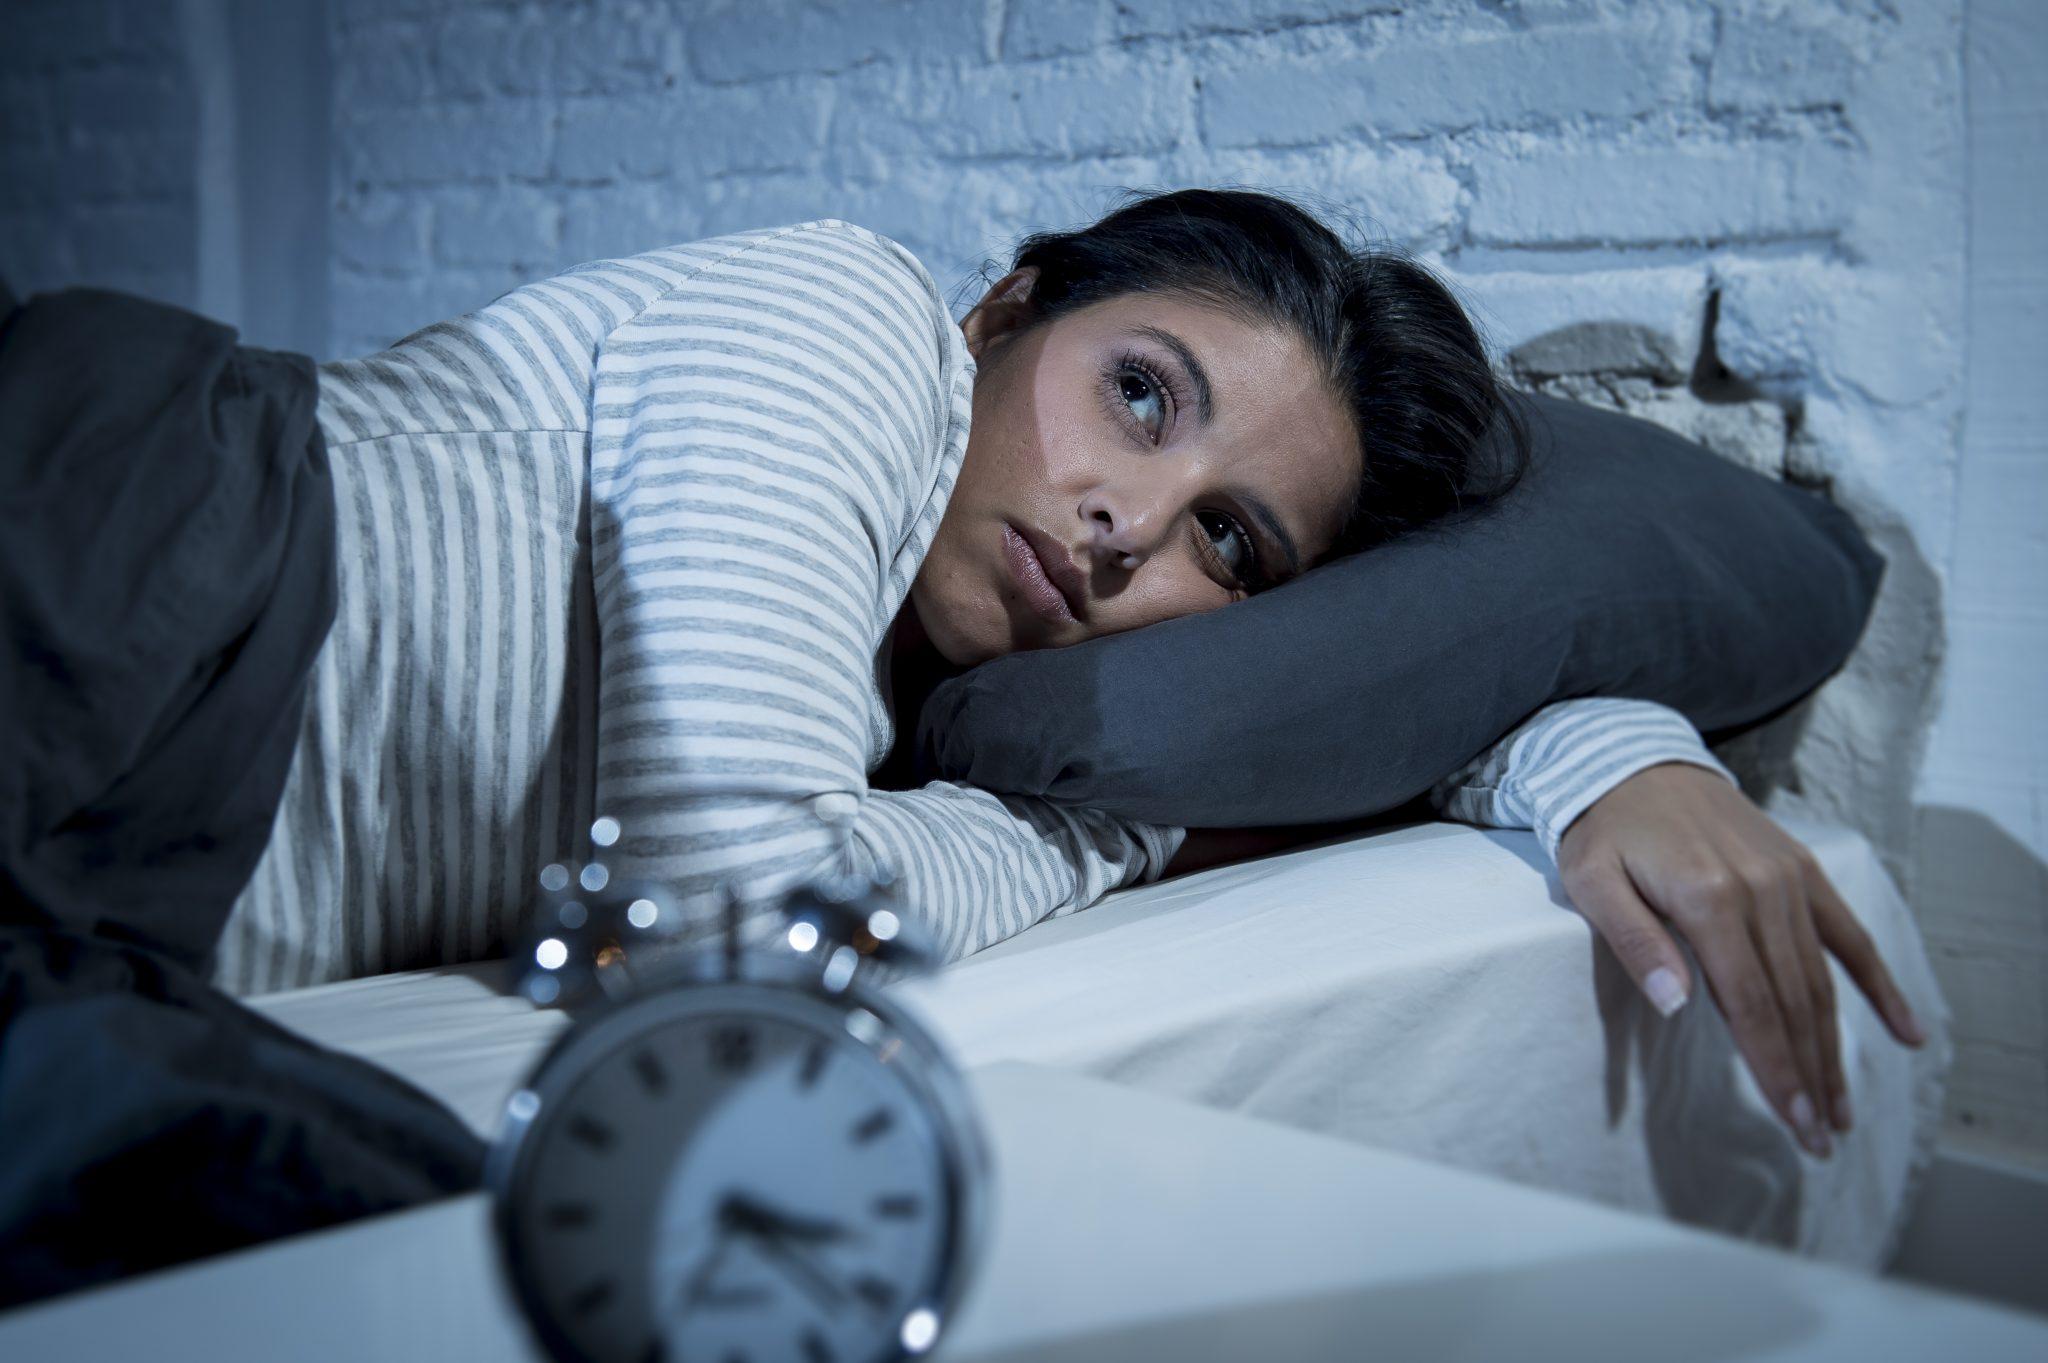 Антидепрессанты для лечения бессонницы: народные средства и специальные таблетки